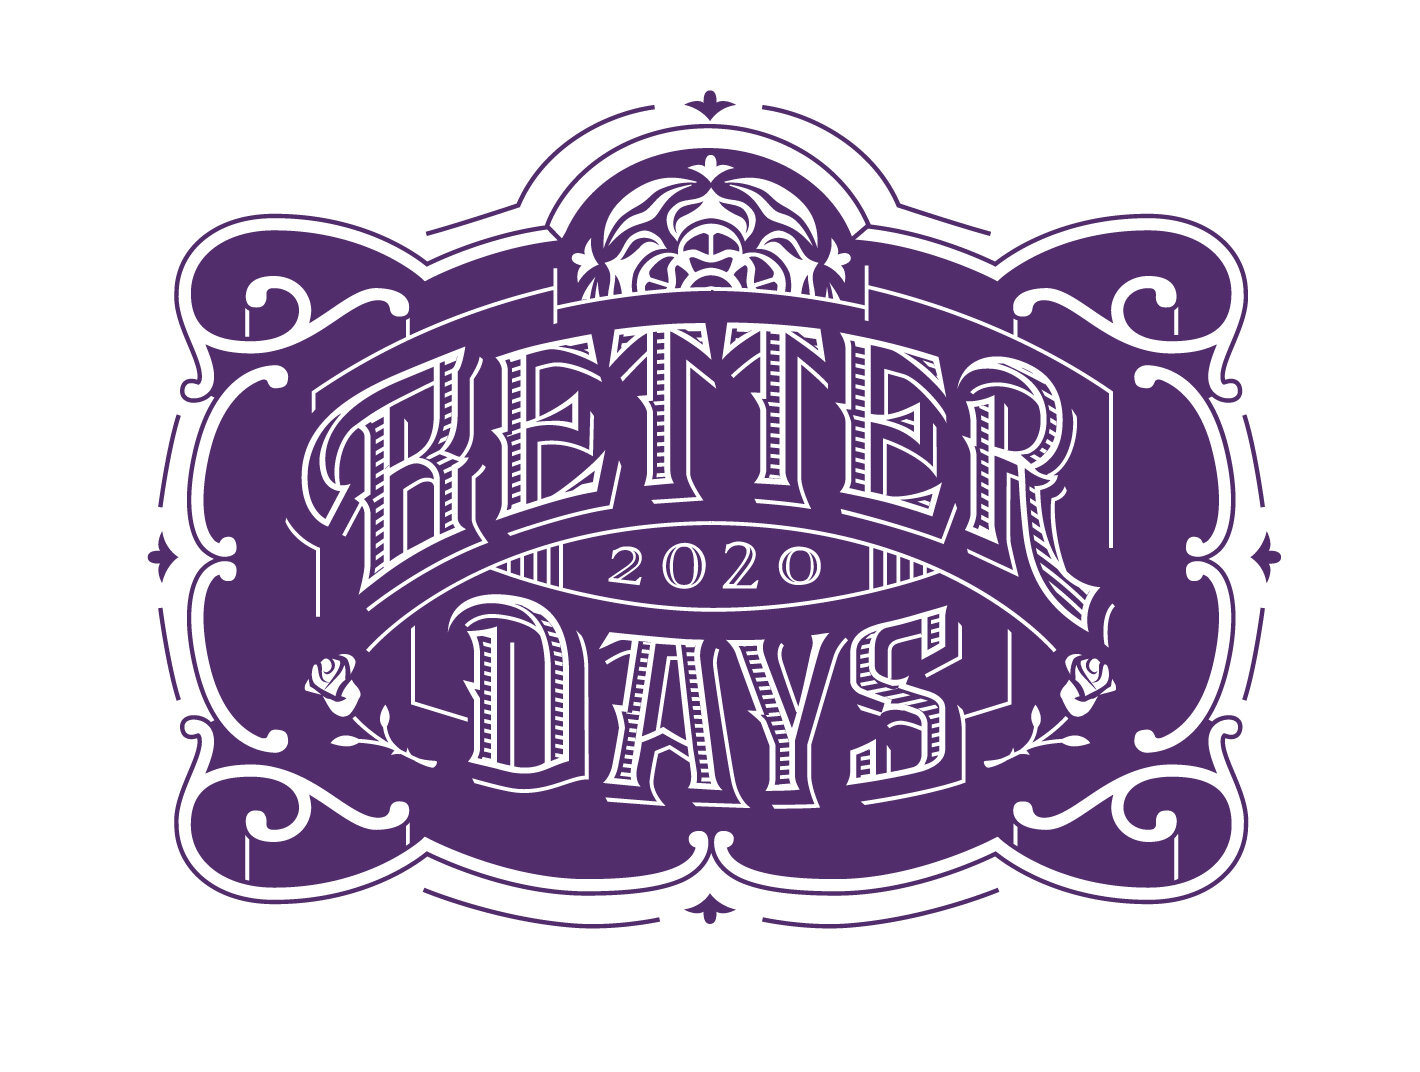 Betterdays2020_Primary_purple_RGB.jpg